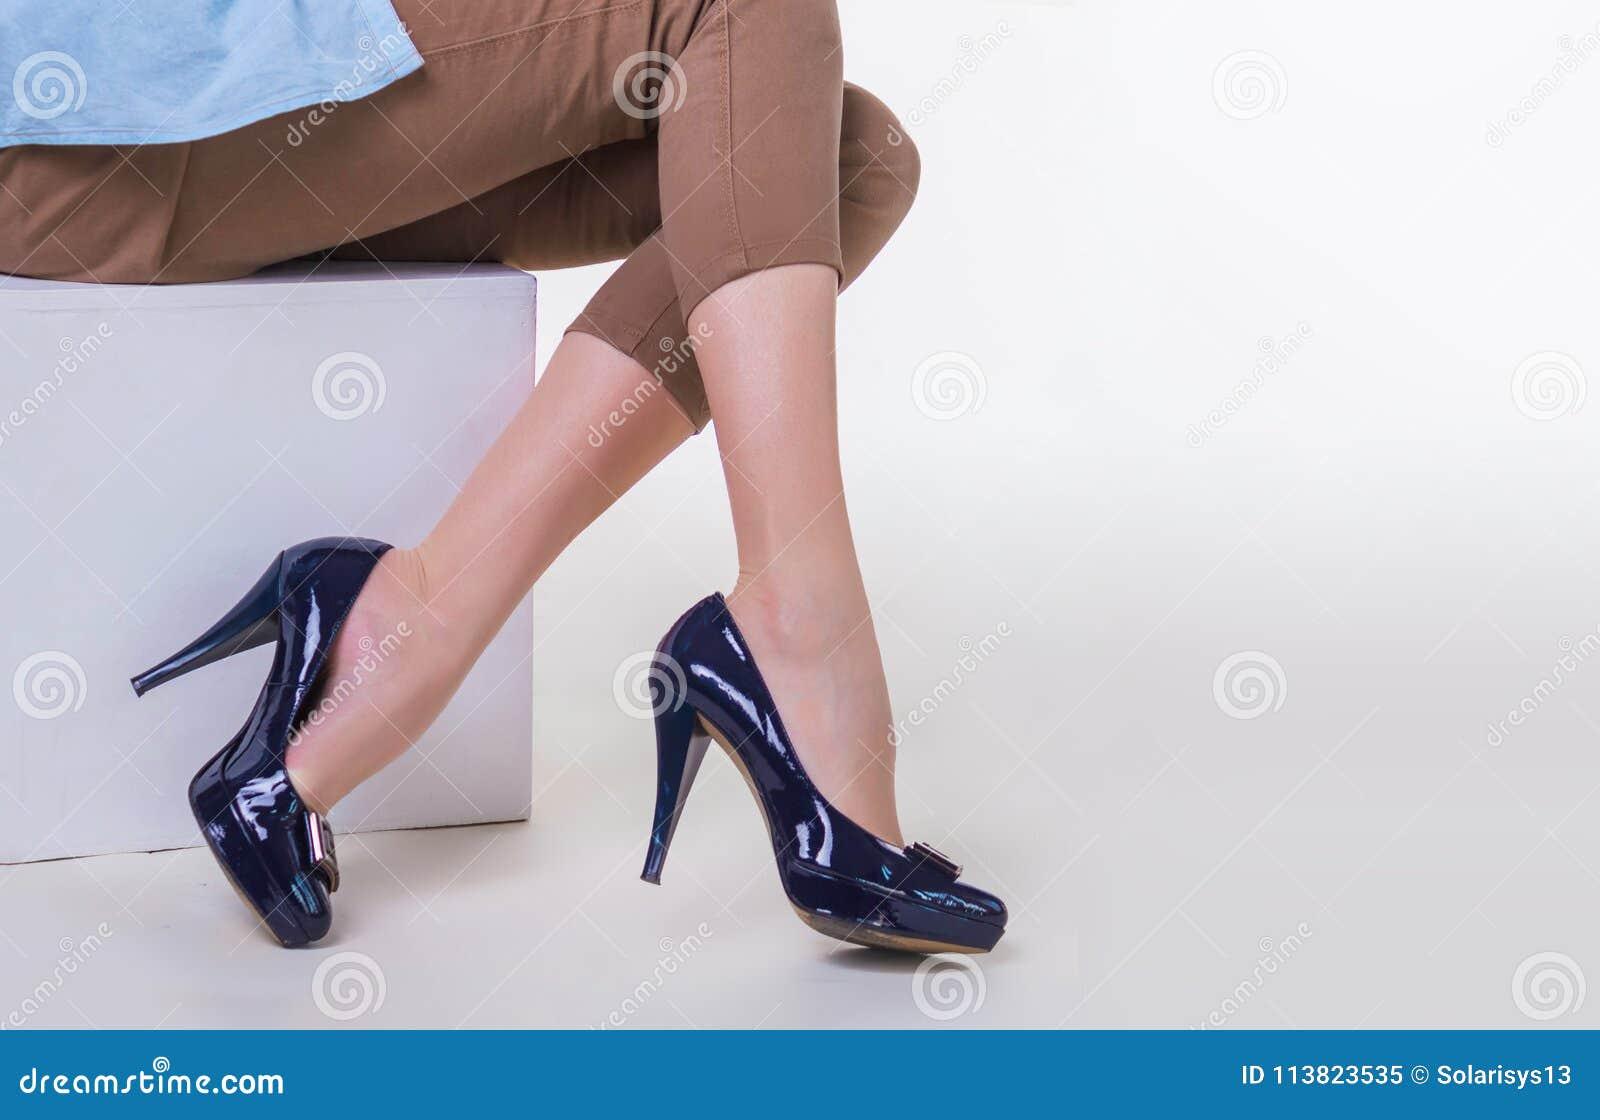 Chaussures Dans Femme Des Jeune Hauts Mince De Jambes à Talons 4wYqPxnIHS